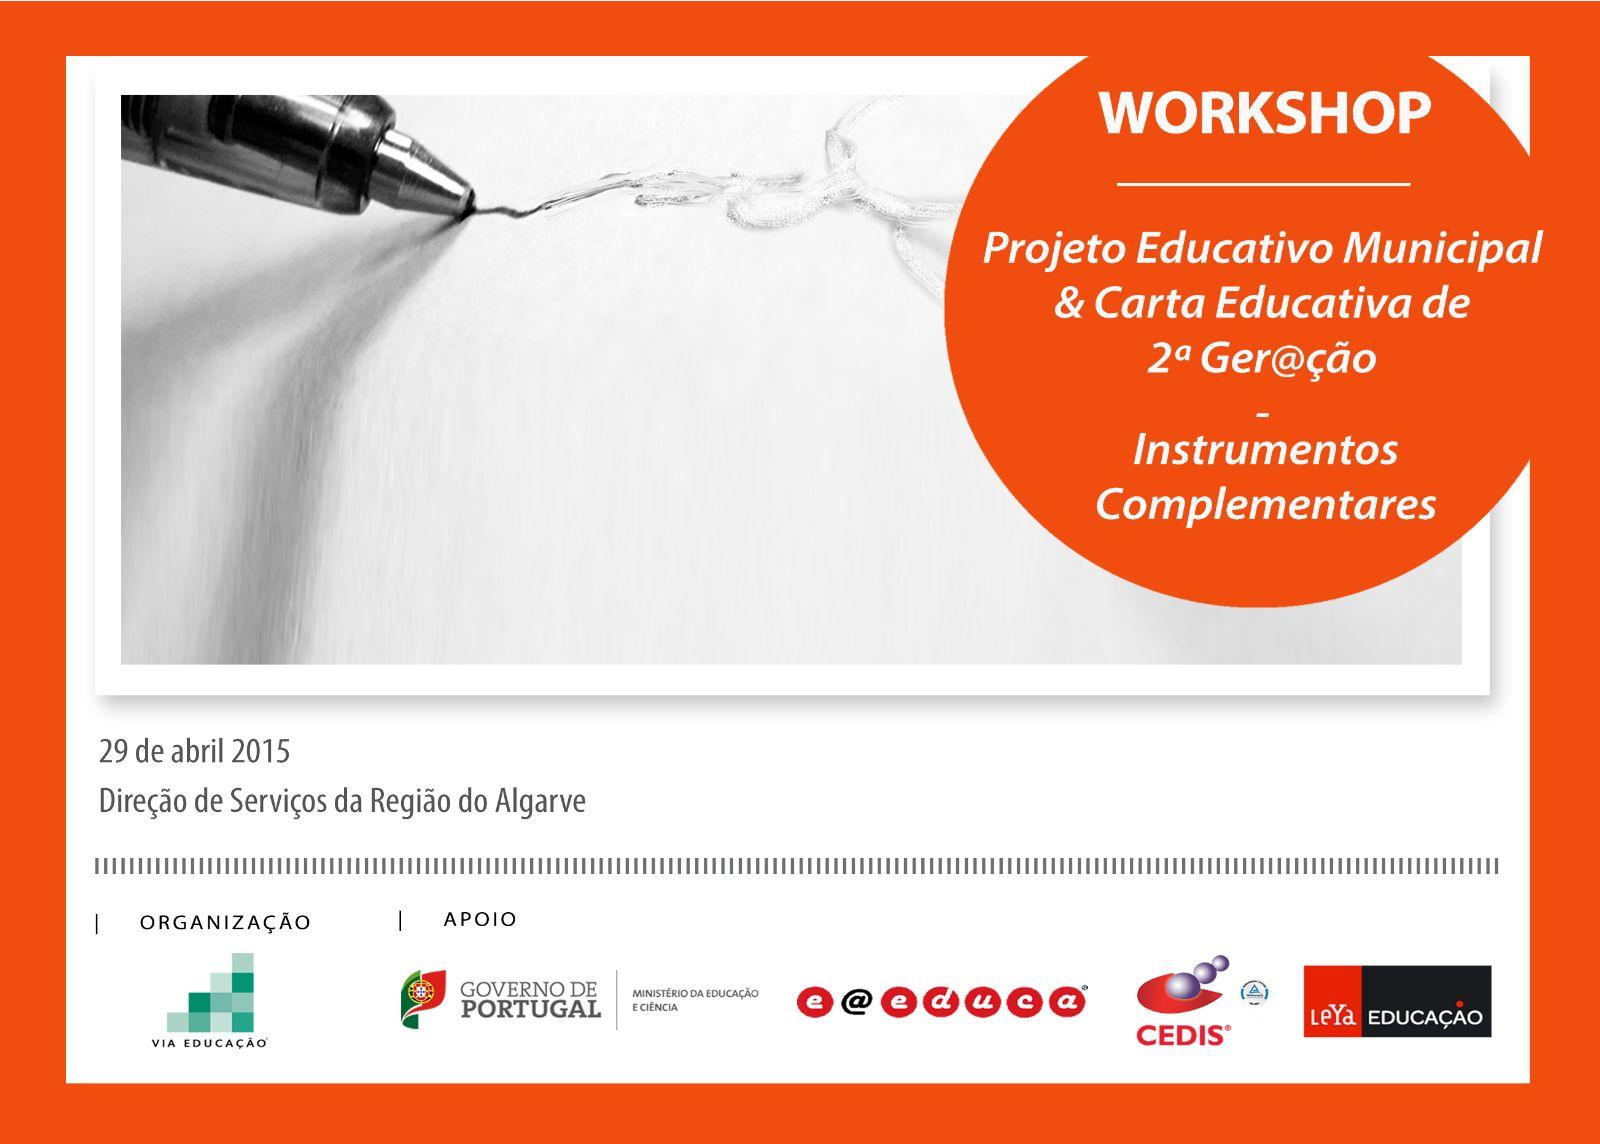 Workshop - Projeto Educativo Municipal & Carta Educativa de 2ª Ger@ção - Instrumentos Complementares